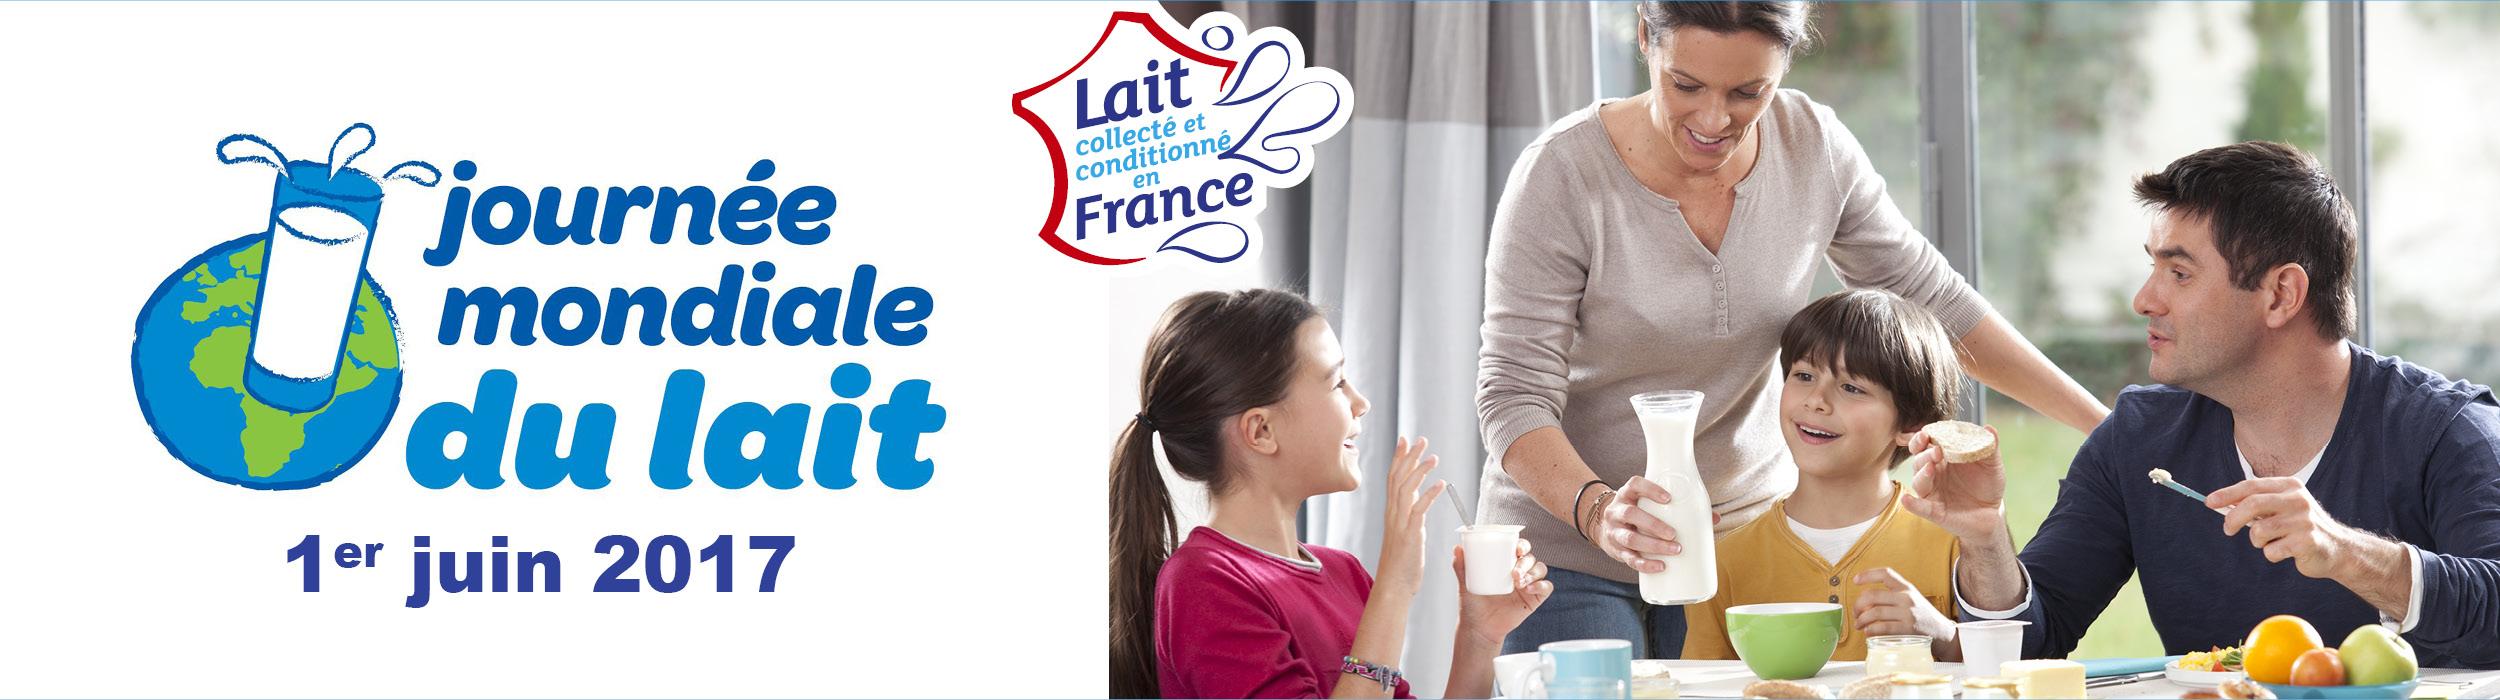 leblogdulait pour web journee du lait – 2017 OK